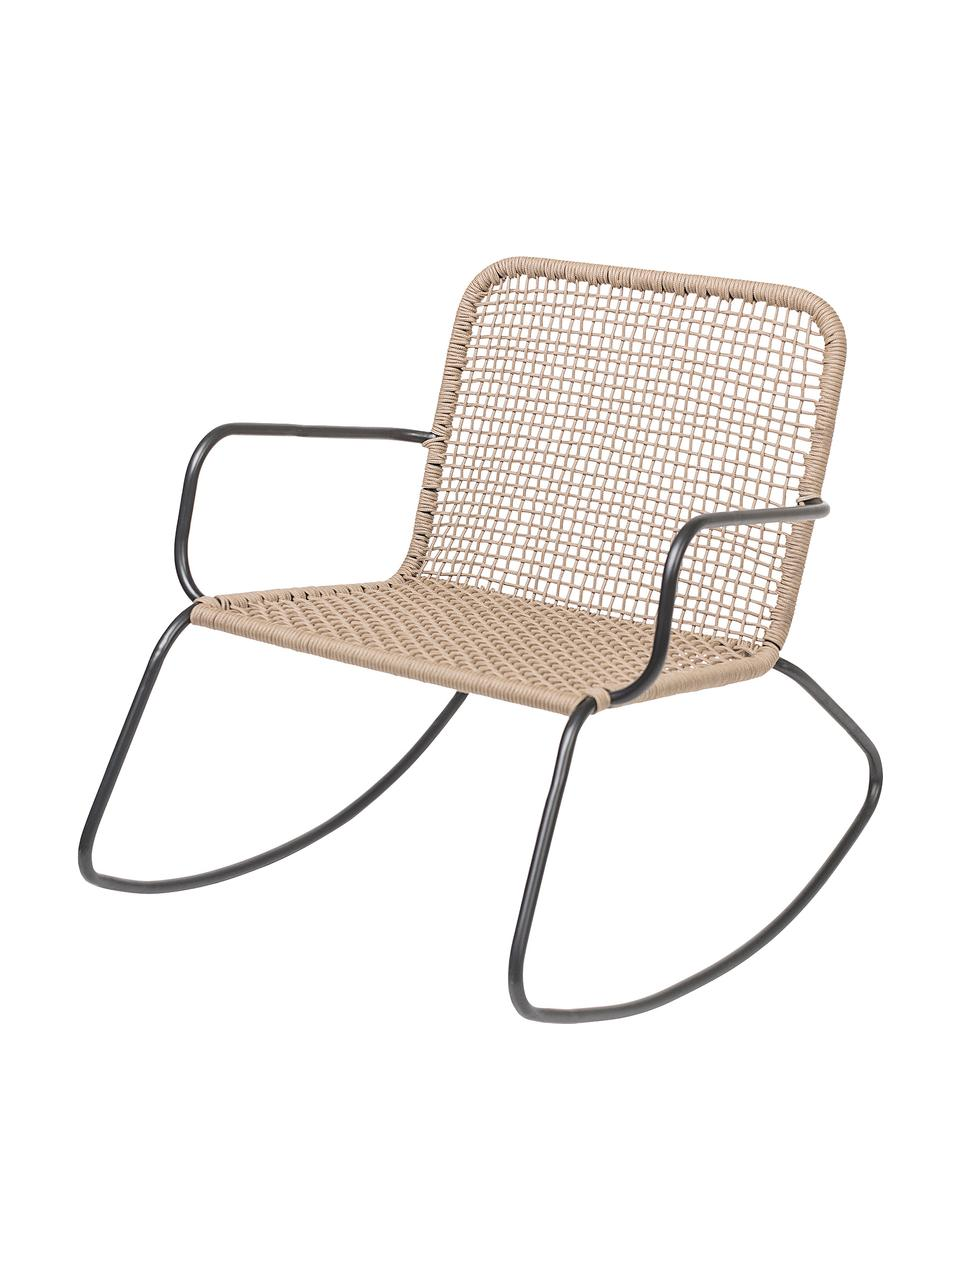 Rattan-Schaukelstuhl Mundo mit Metall-Gestell, Gestell: Metall, pulverbeschichtet, Sitzfläche: Polyethylen, Schwarz, Beige, B 73 x T 89 cm